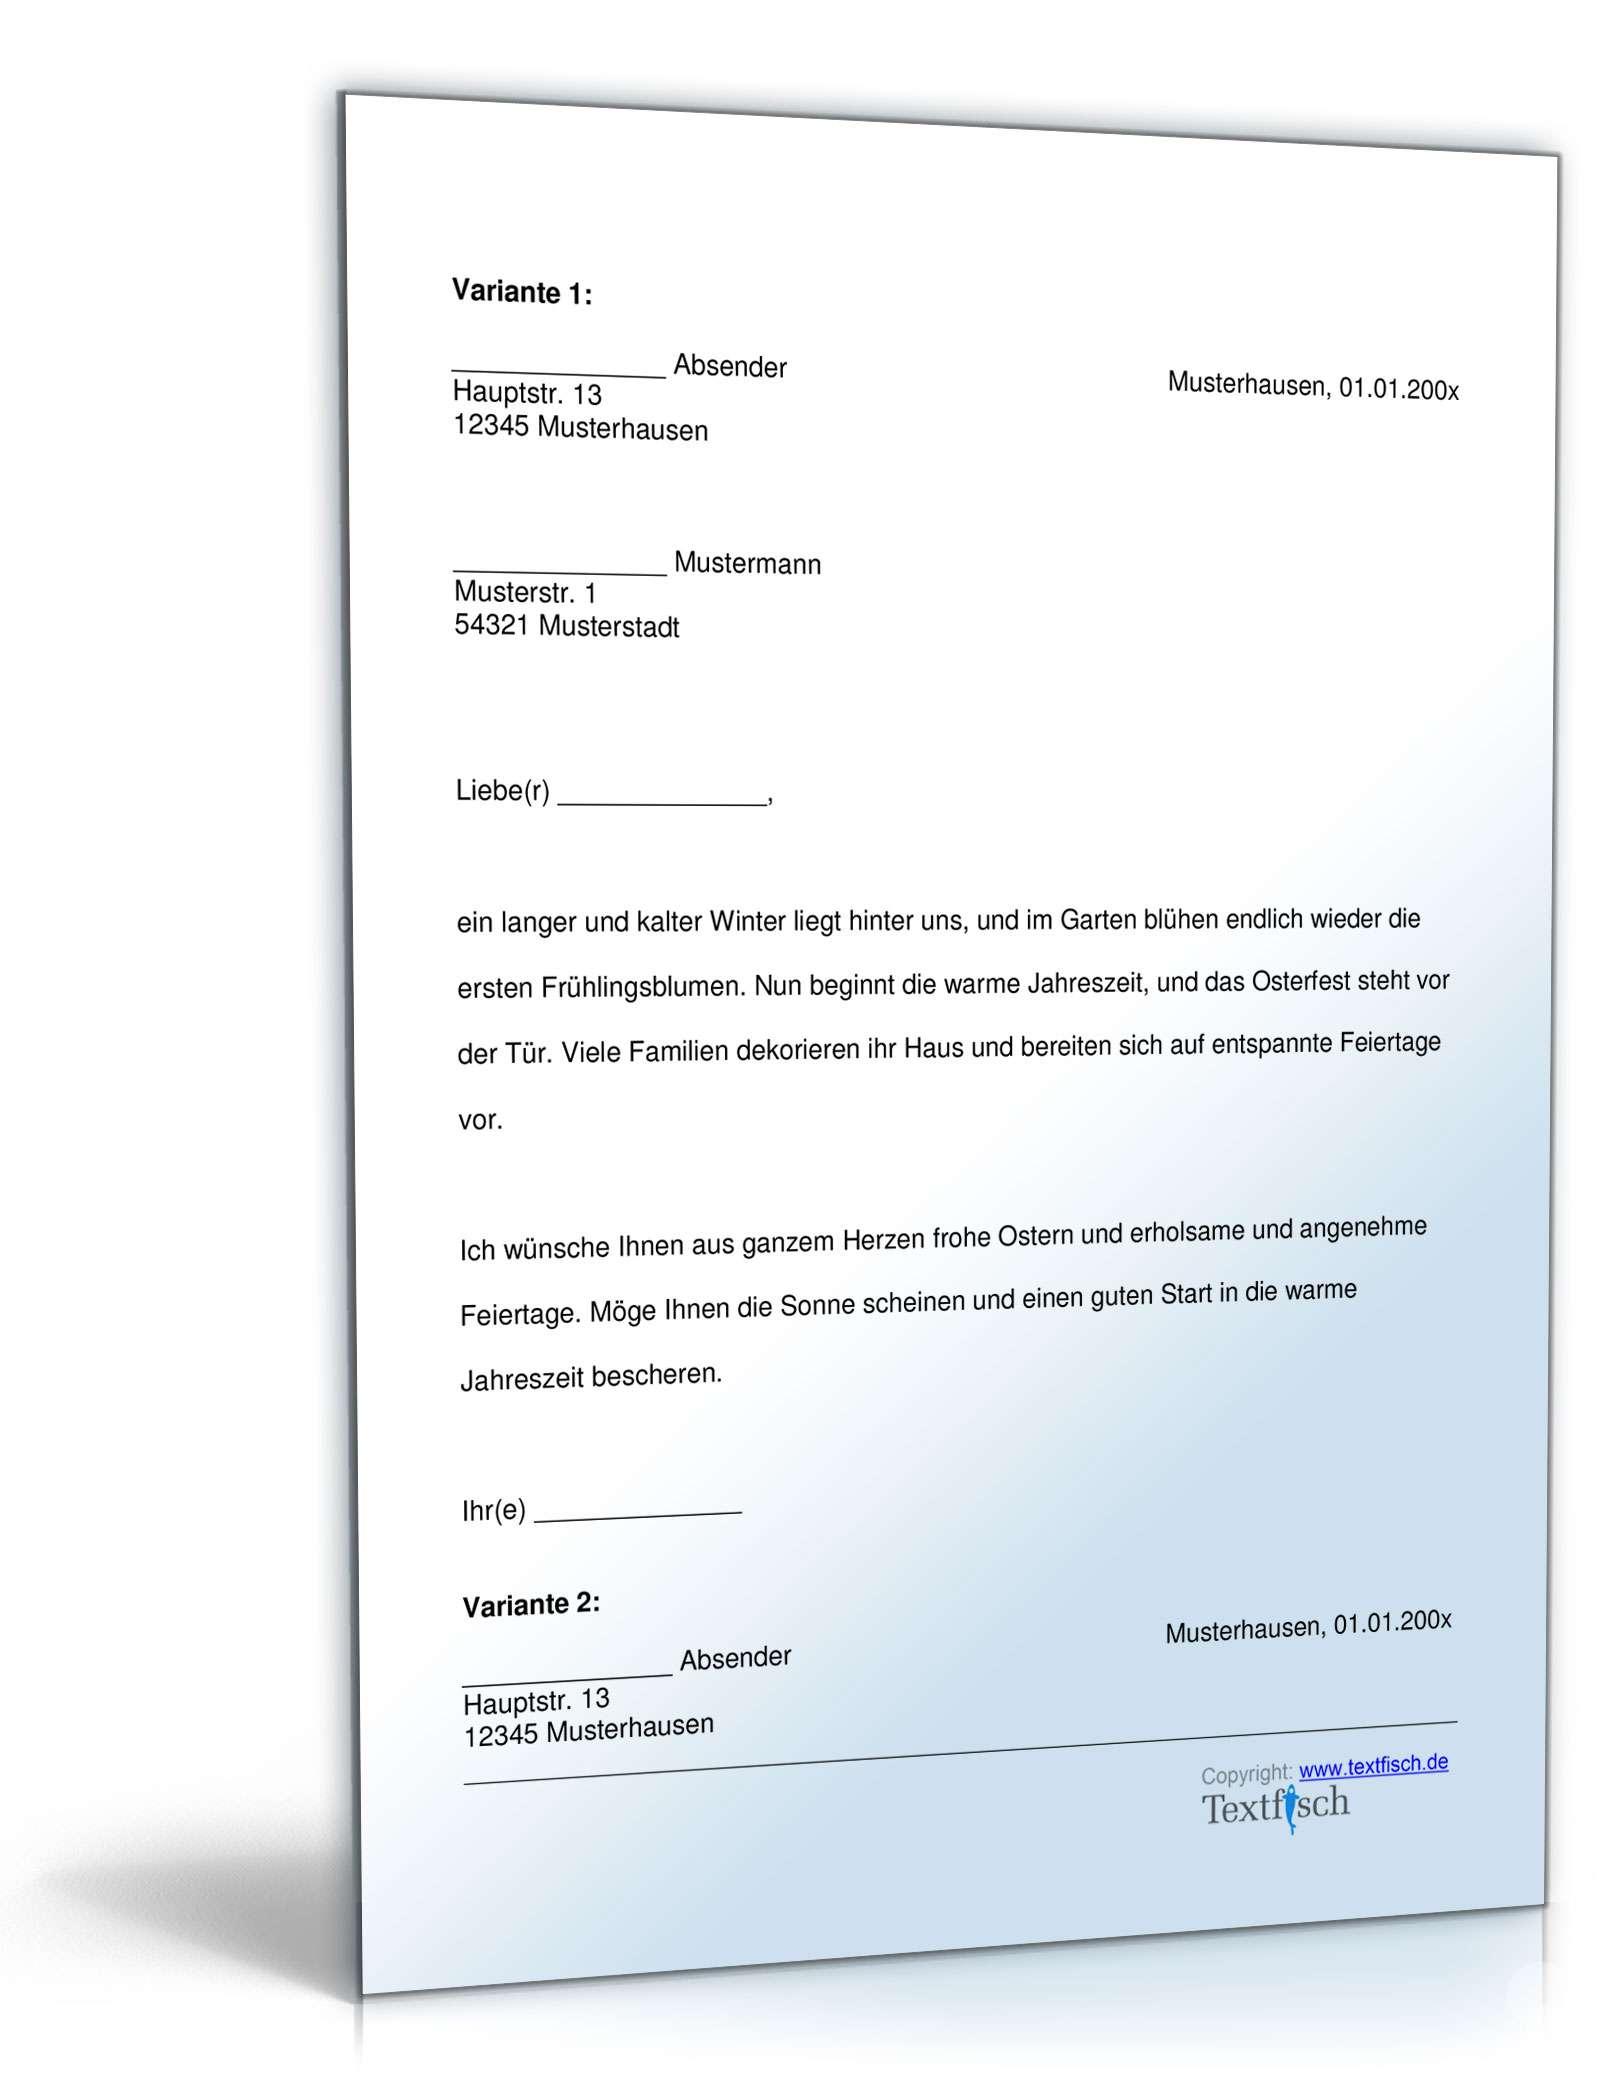 Musterbriefe Lärmbelästigung : Download archiv musterbriefe dokumente vorlagen